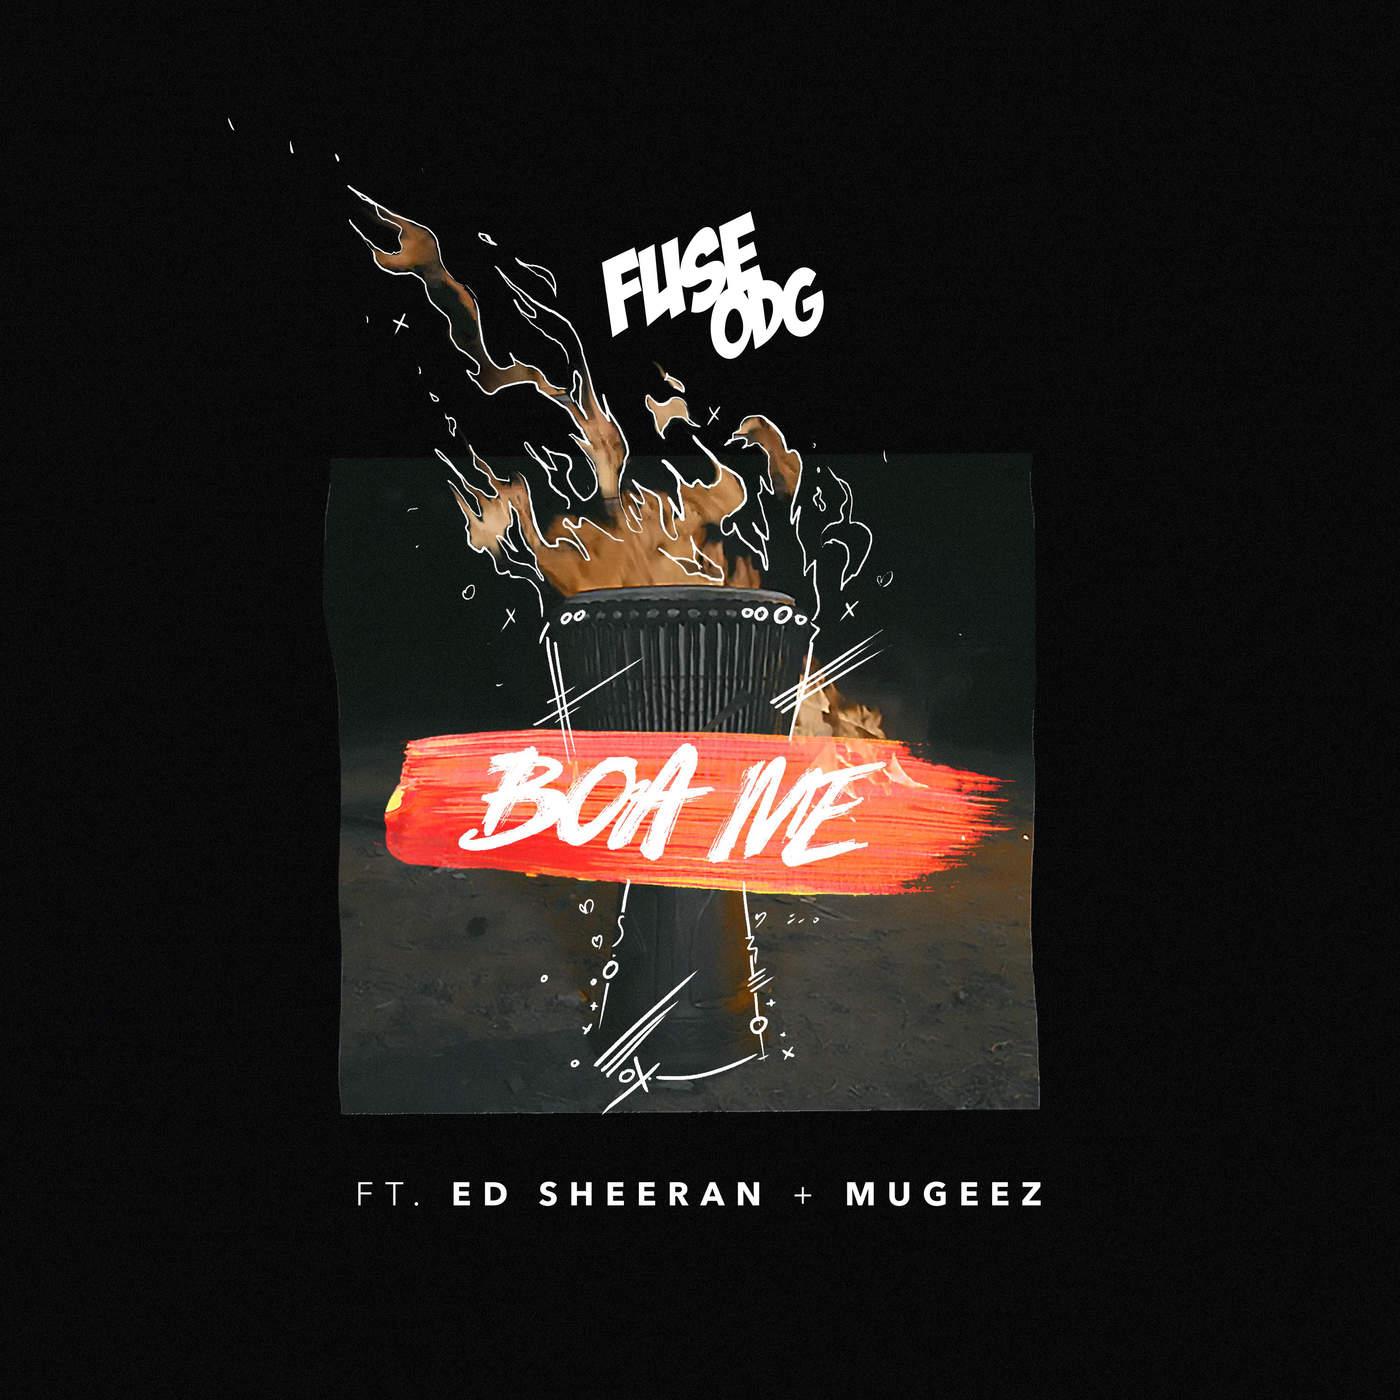 Fuse ODG - Boa Me (feat. Ed Sheeran & Mugeez) - Single